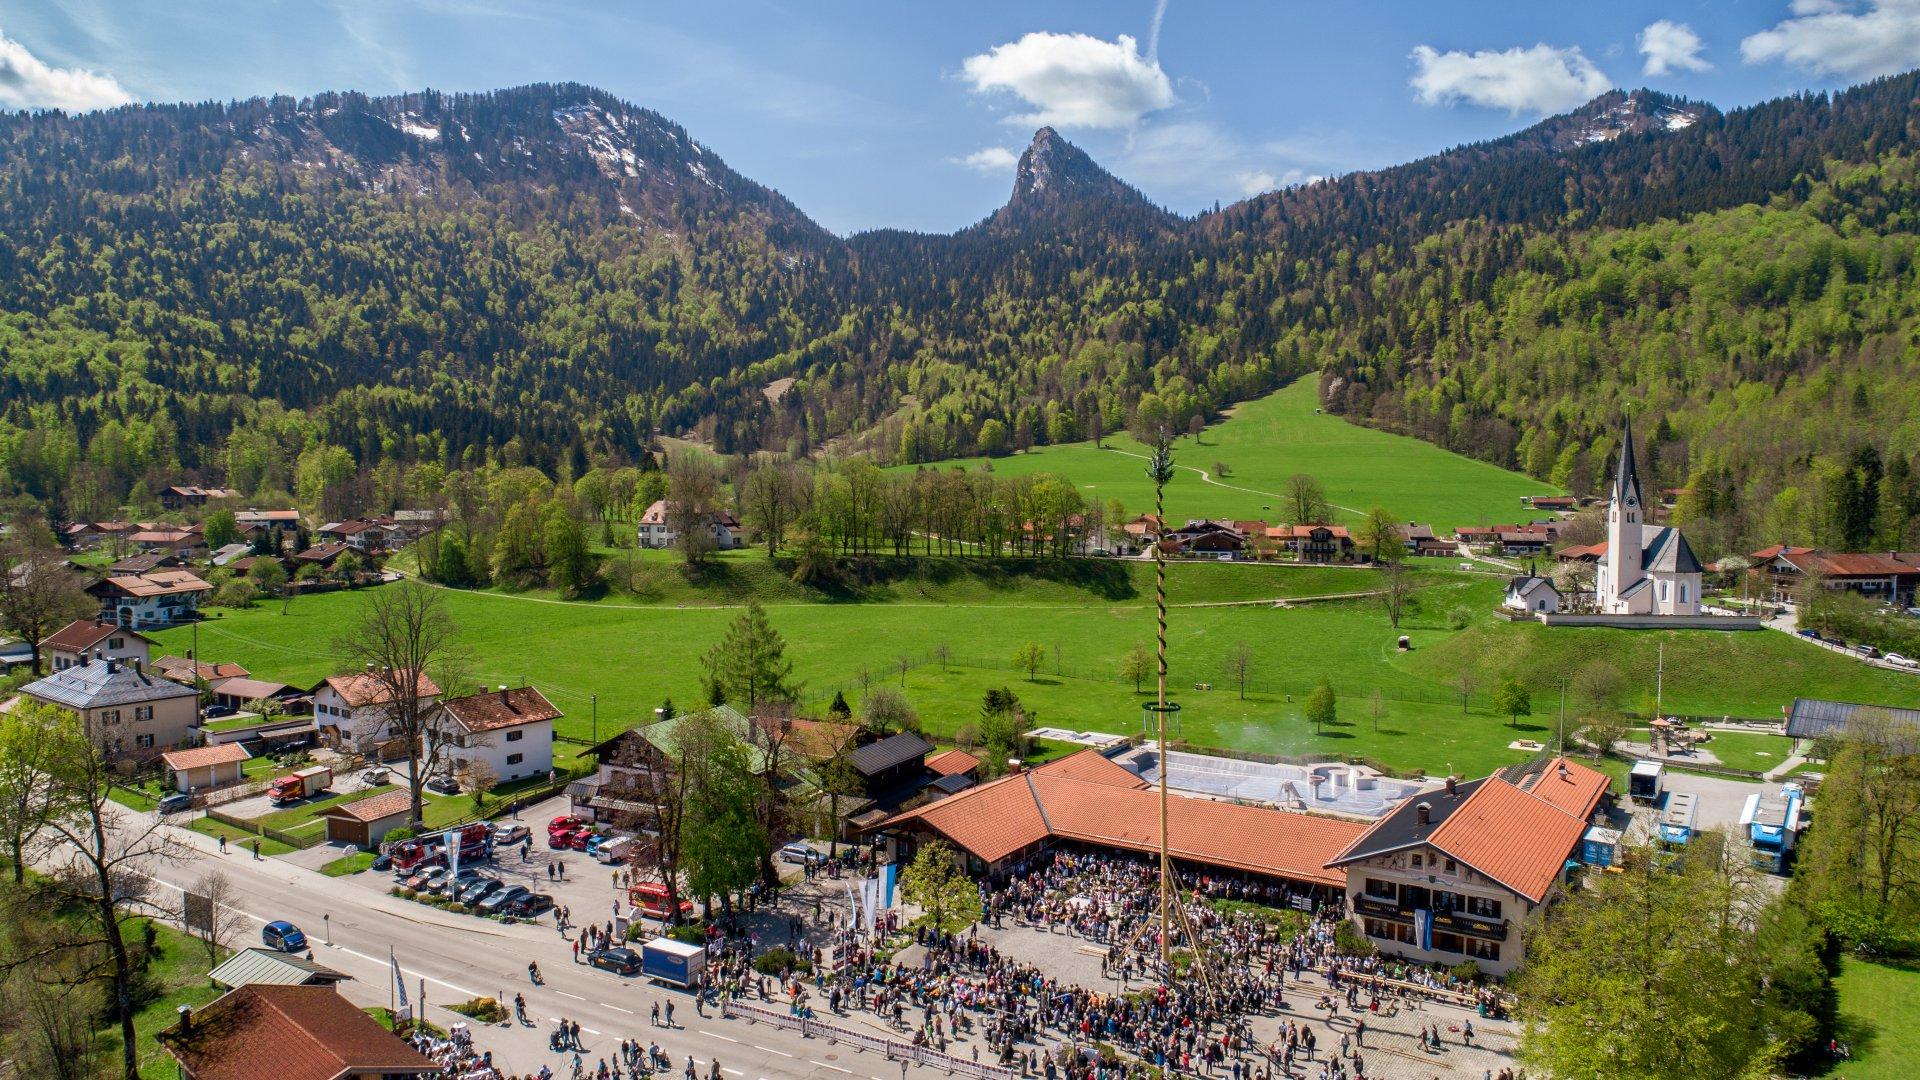 Vor dem Leonhardstein im Hintergrund errichtet die Dorfgemeinschaft im Bergsteigerdorf Kreuth zum 1. Mai traditionell den Maibaum., © luftbuidl, Sebastian Ulmer